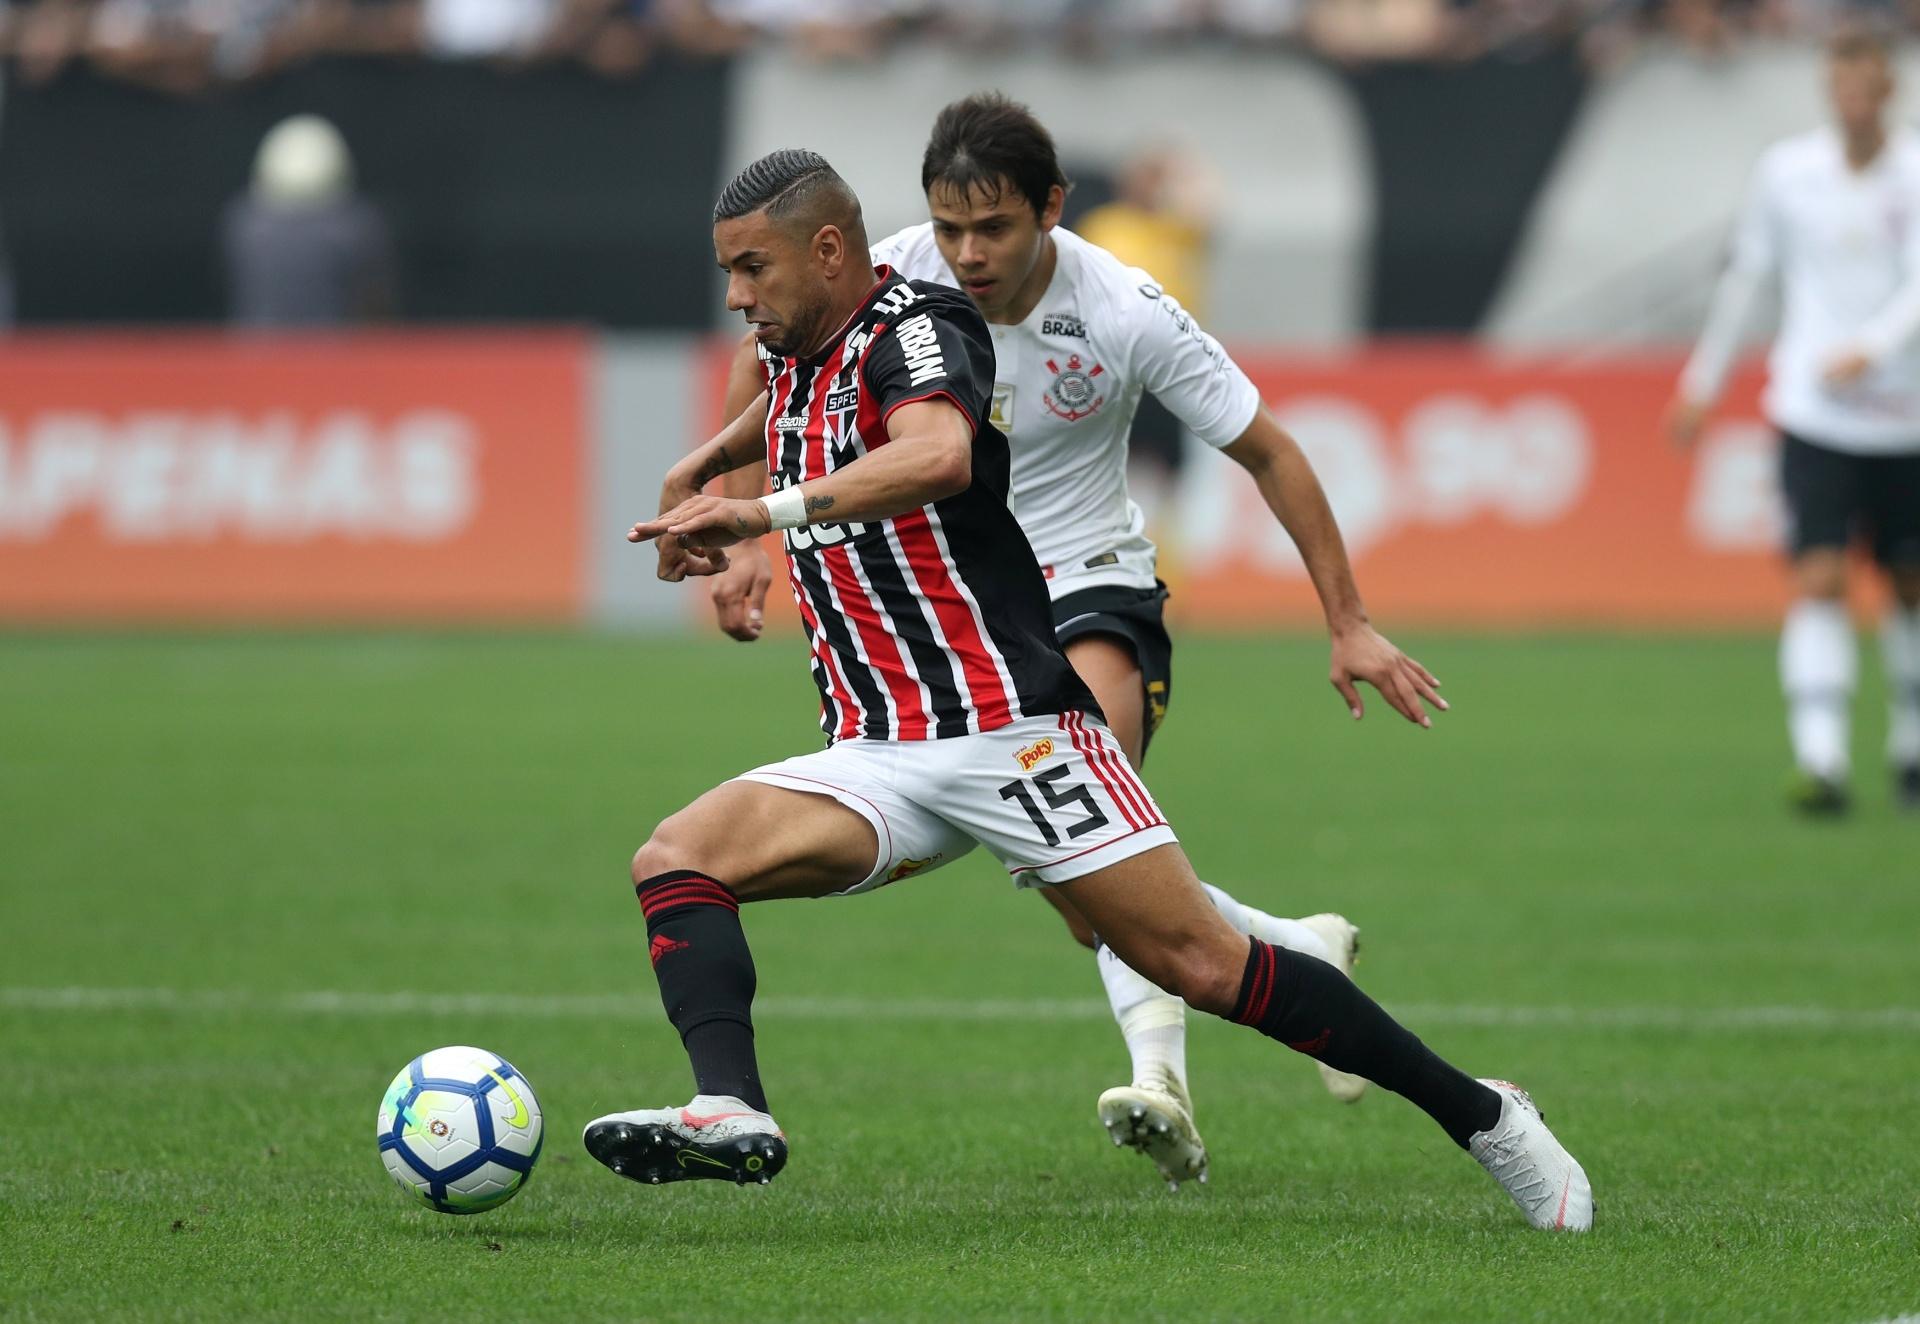 6acb3d383fa41 Corinthians e São Paulo ficam no empate em clássico com arbitragem polêmica  - 10 11 2018 - UOL Esporte